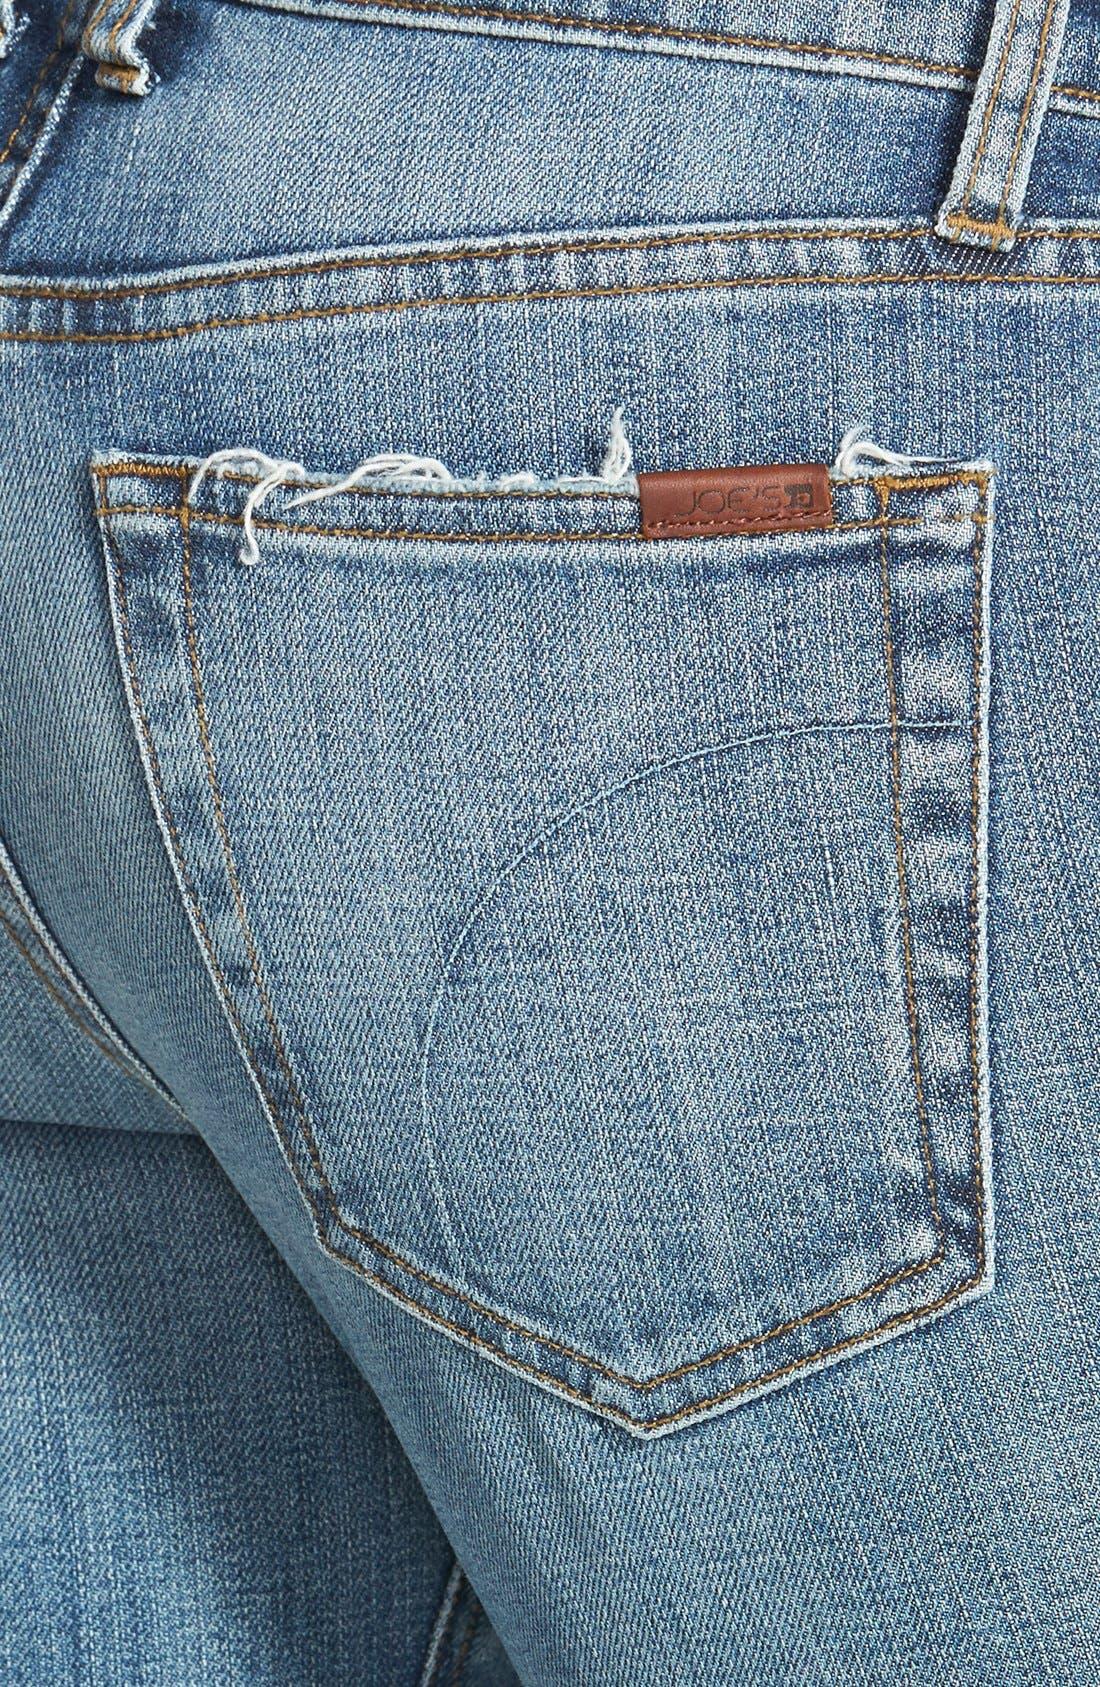 Slim Boyfriend Crop Jeans,                             Alternate thumbnail 2, color,                             400